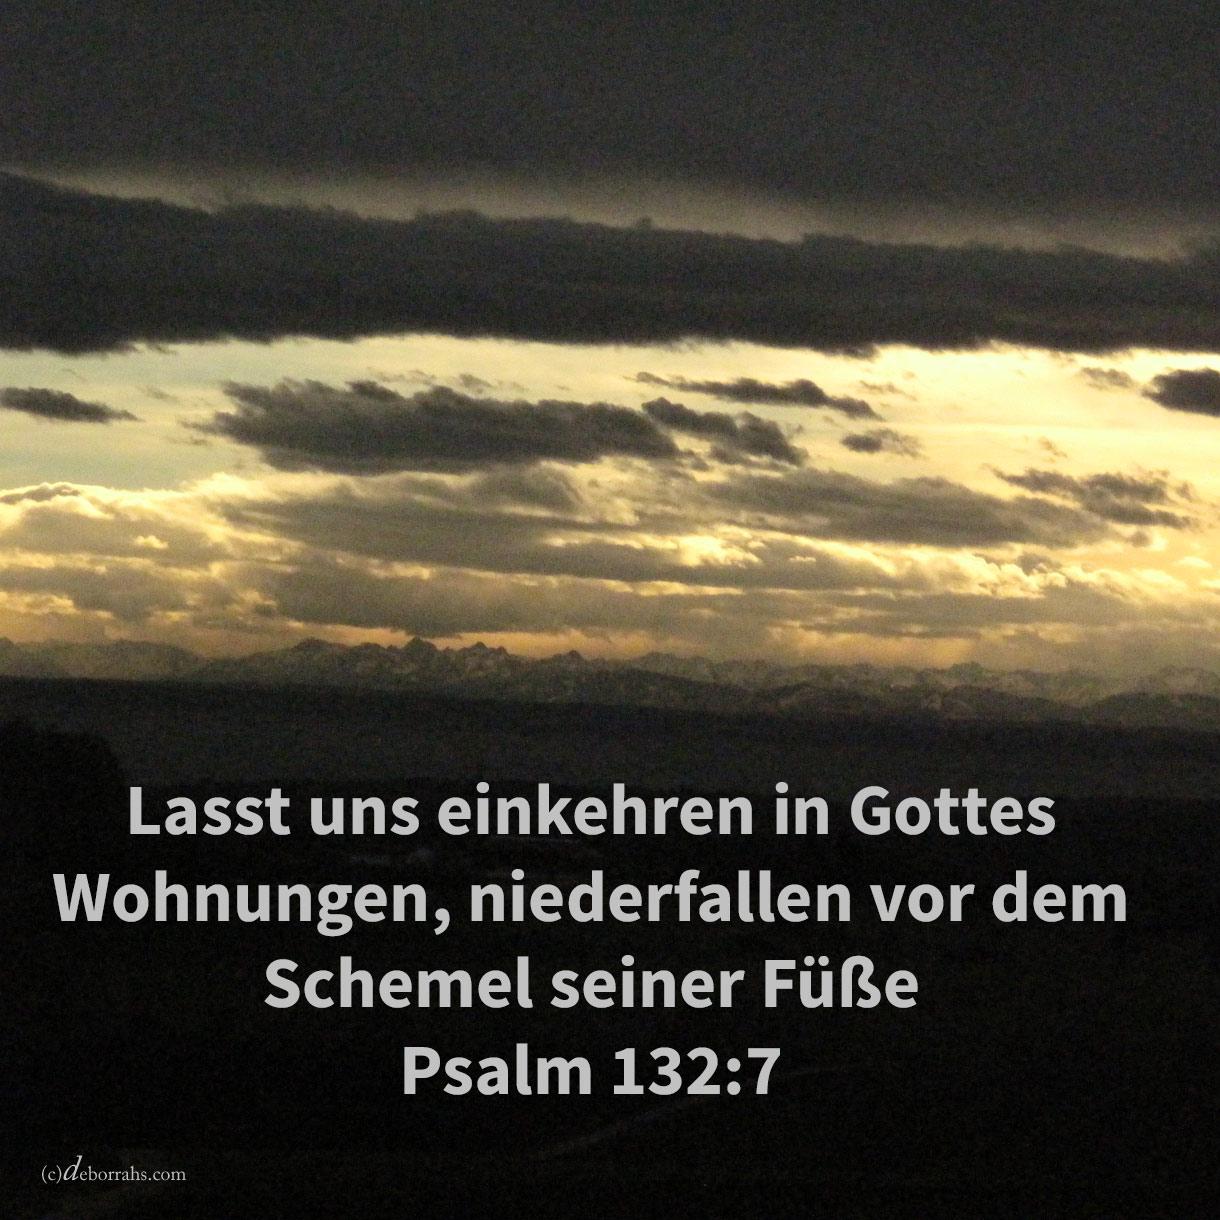 Lasset uns eingehen in seine Wohnungen, niederfallen vor dem Schemel seiner Füße ( Psalm 132,7 )